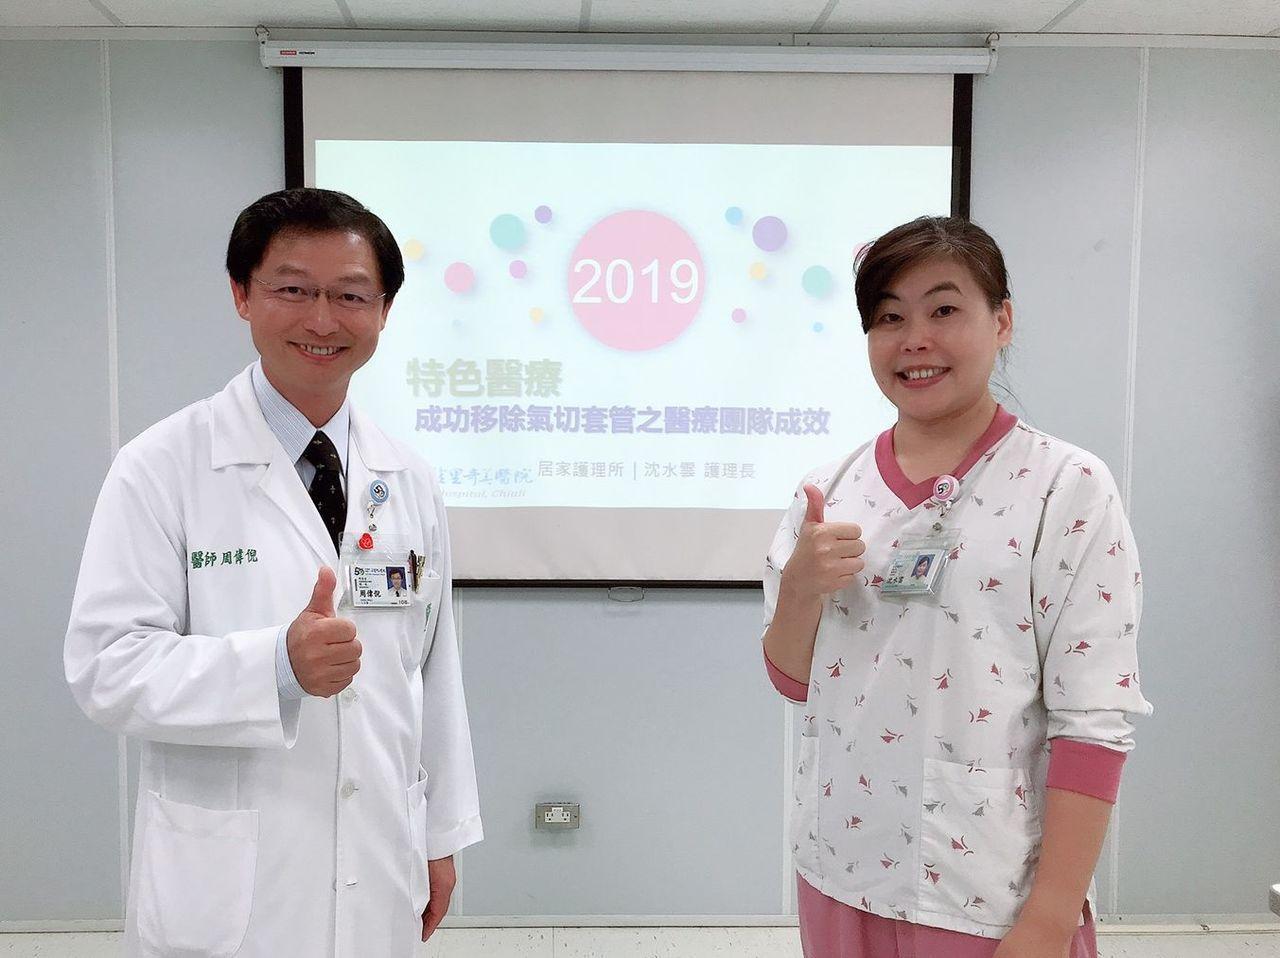 佳里奇美醫院院長周偉倪(左)與護理長沈水雲。圖/佳里奇美醫院提供